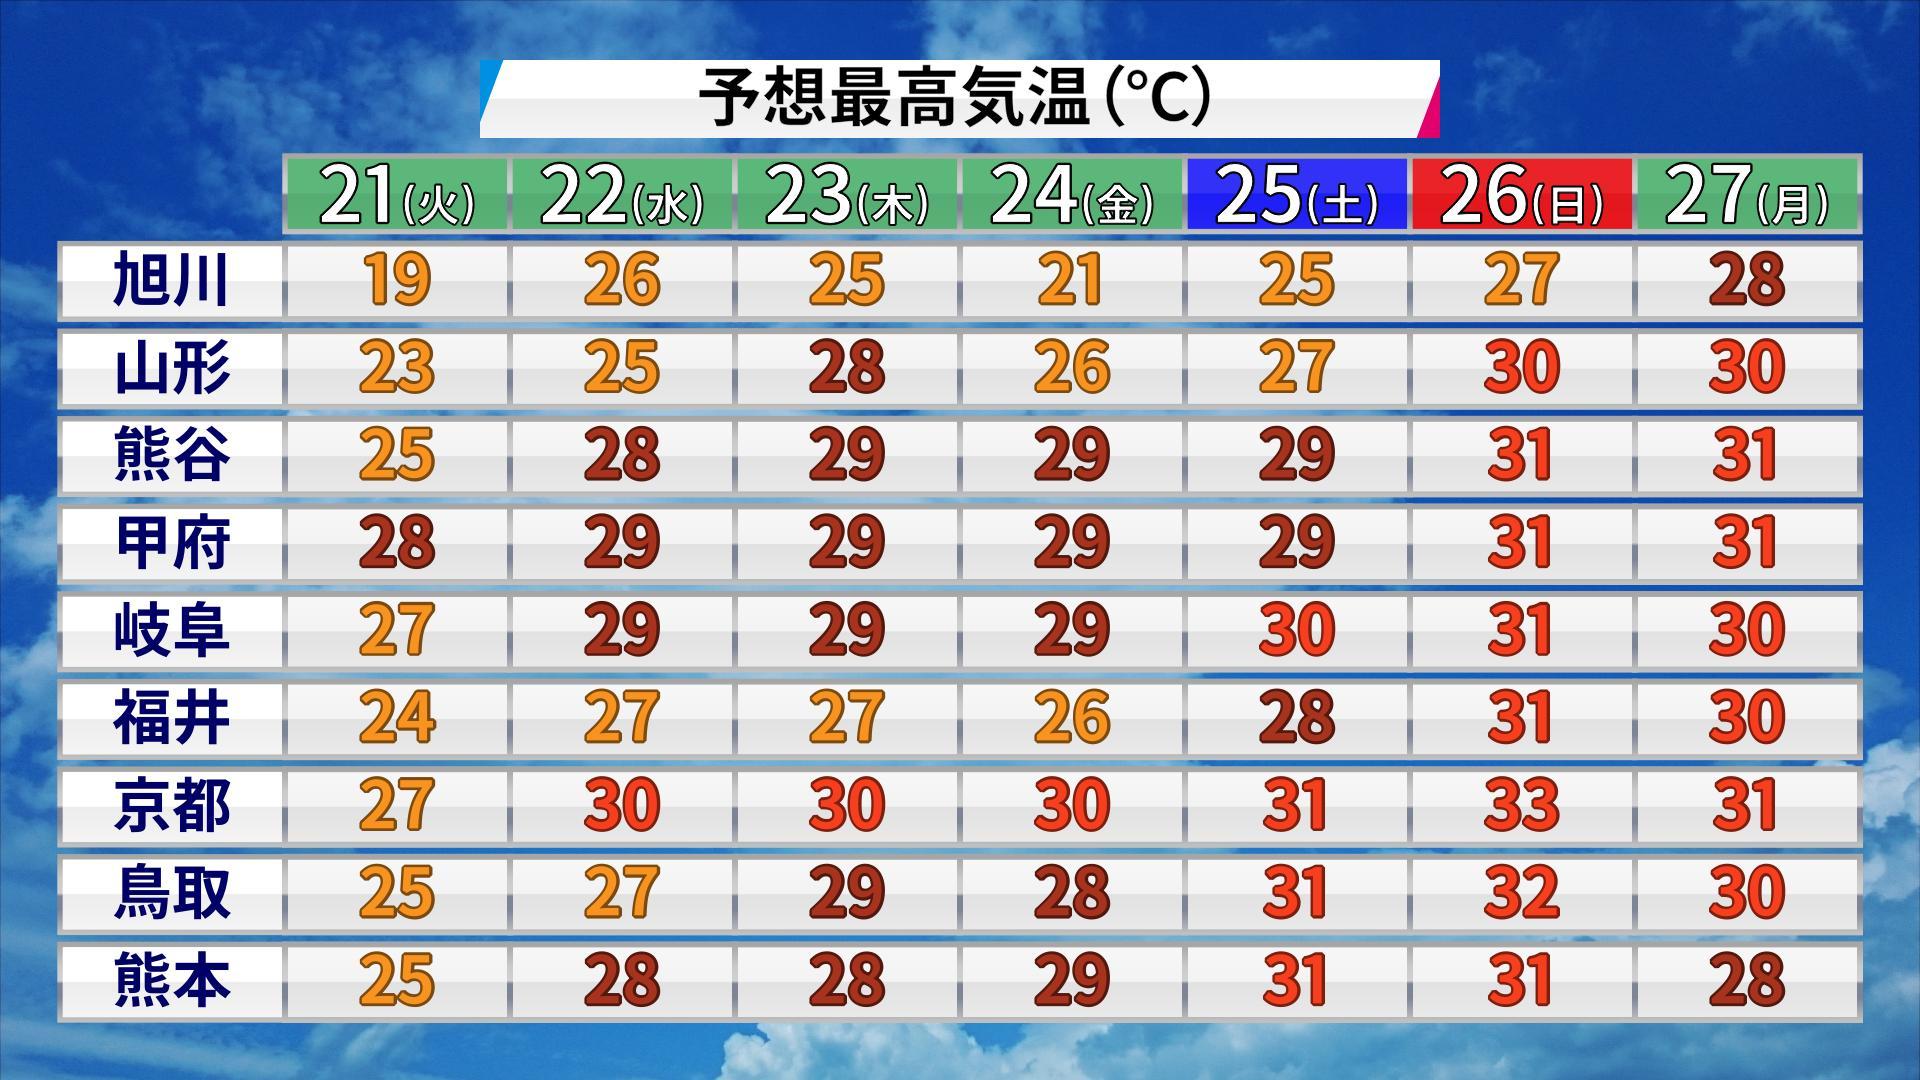 これは今年の5月の気温予想・8月はいったい・・・。考えたくもない。